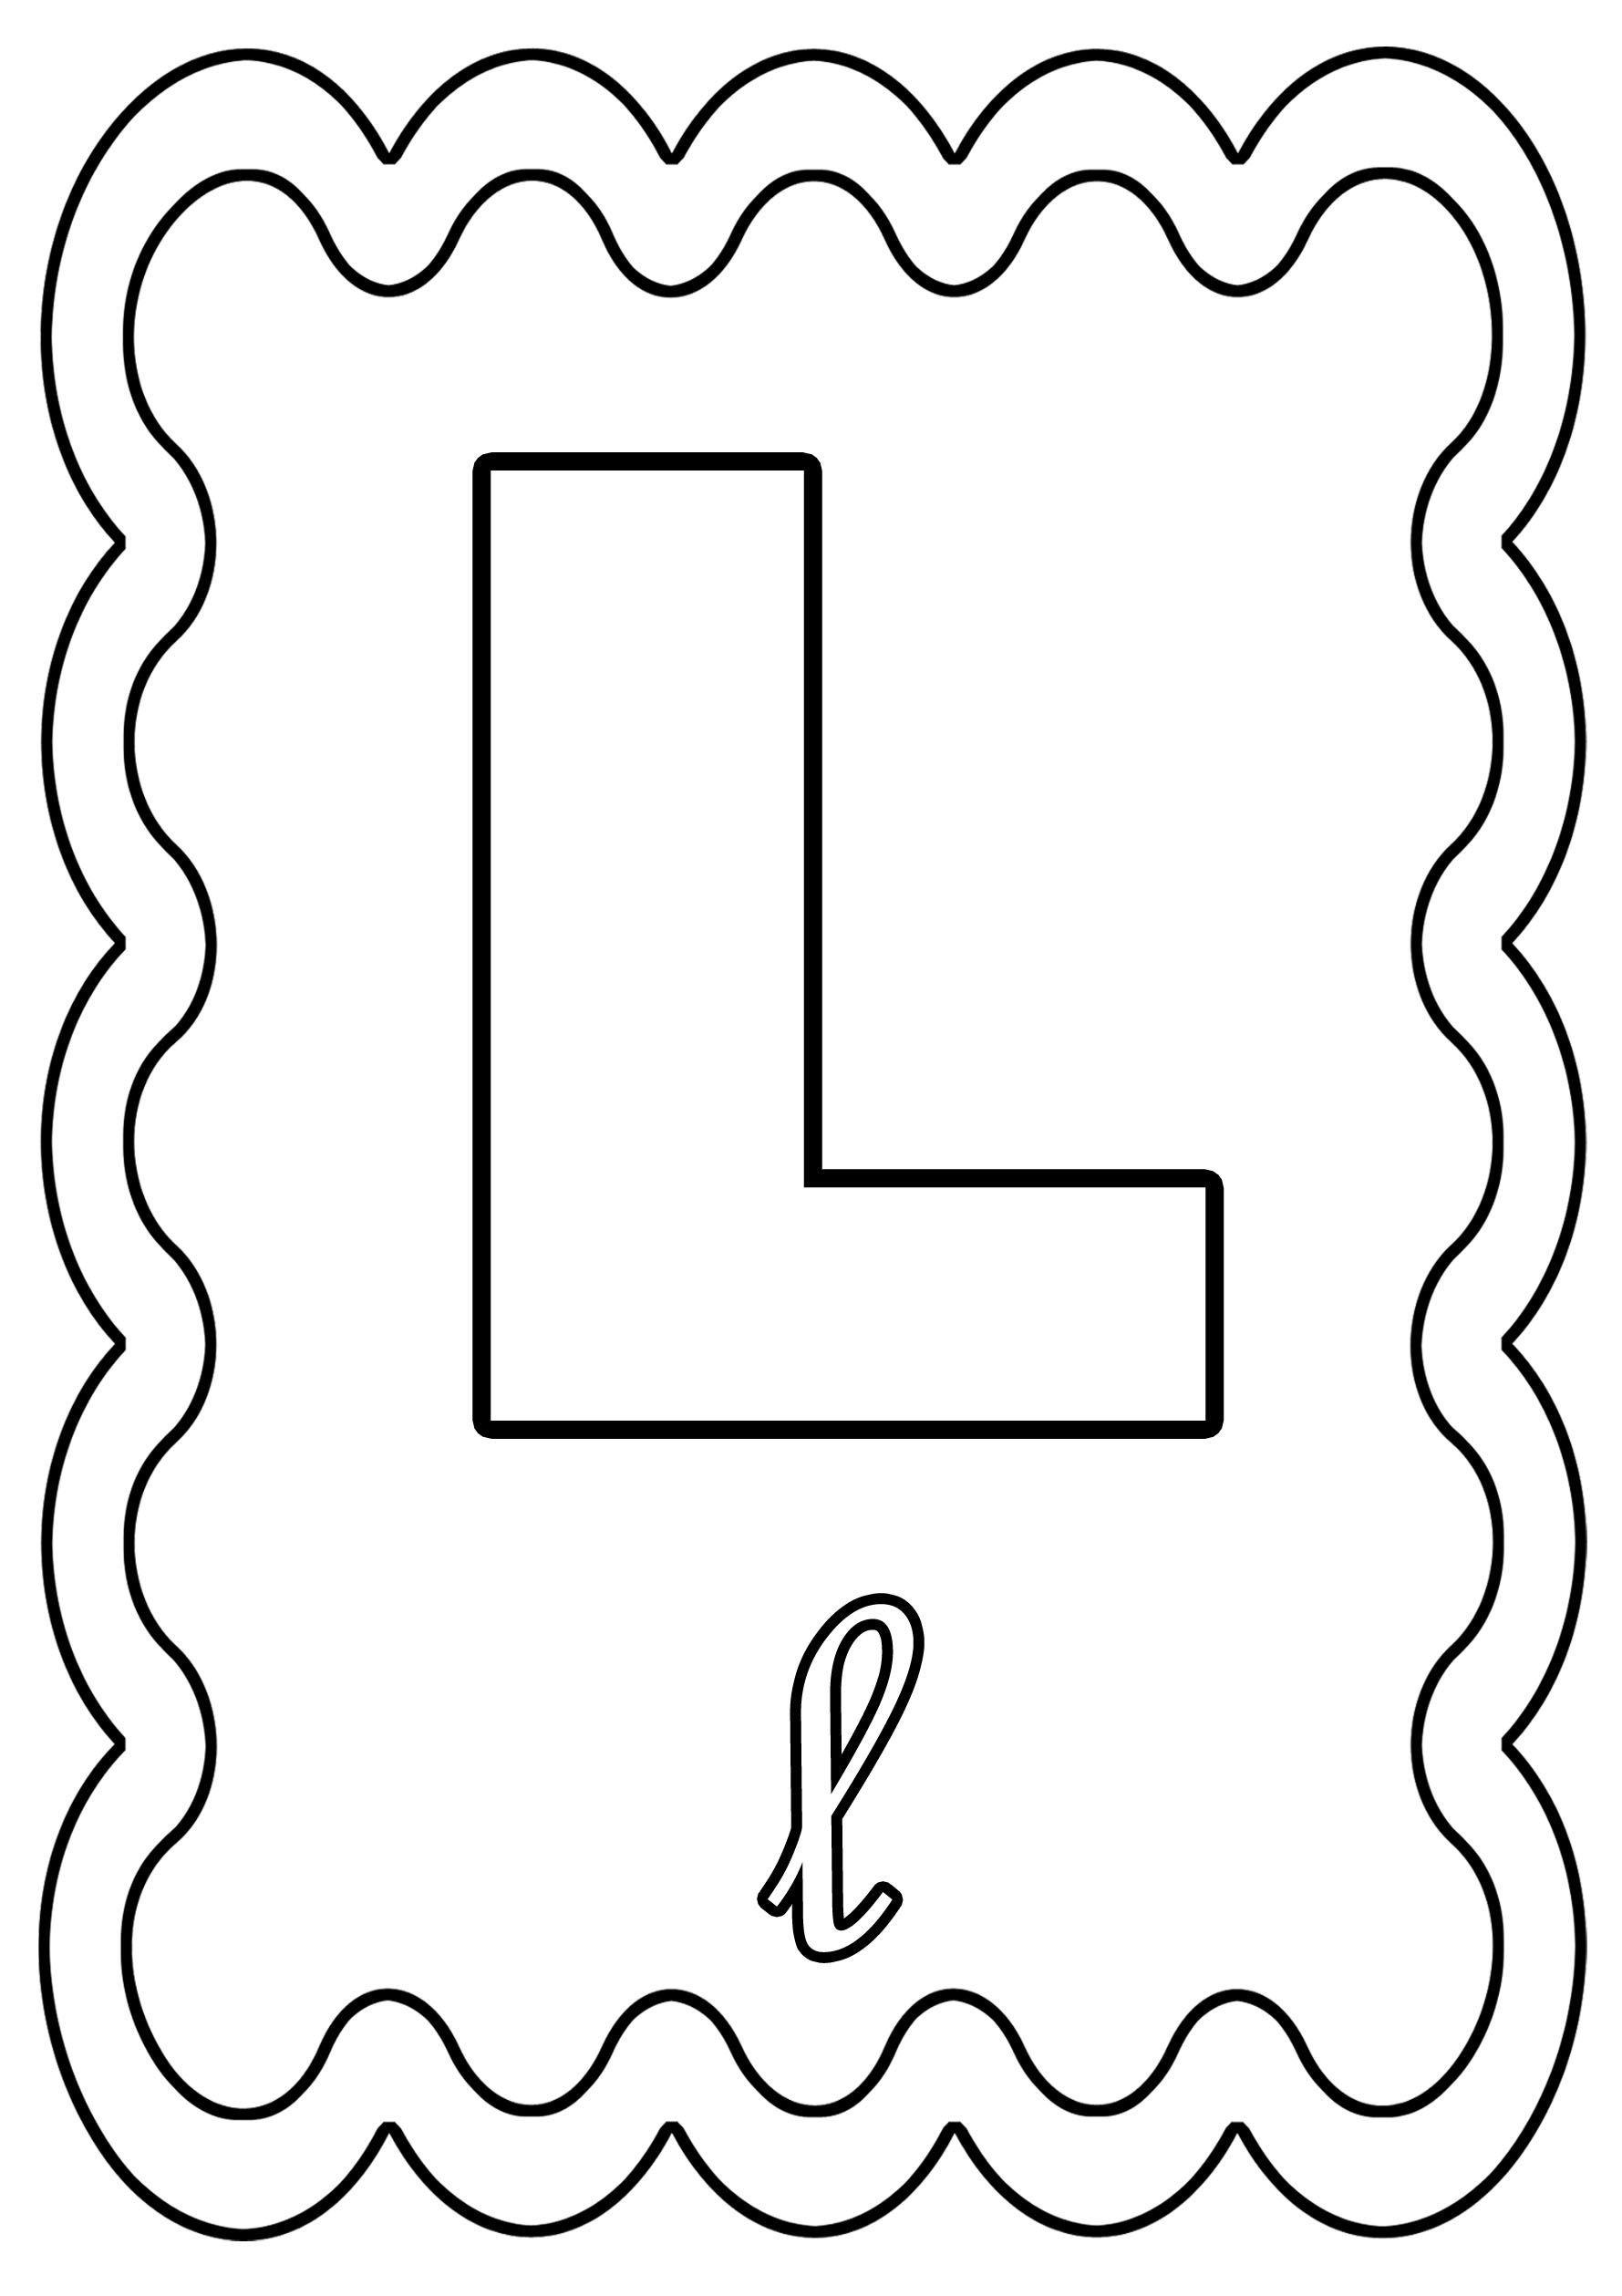 Coloriage alphabet lettre de a a z page 2 - Lettre a decouper ...